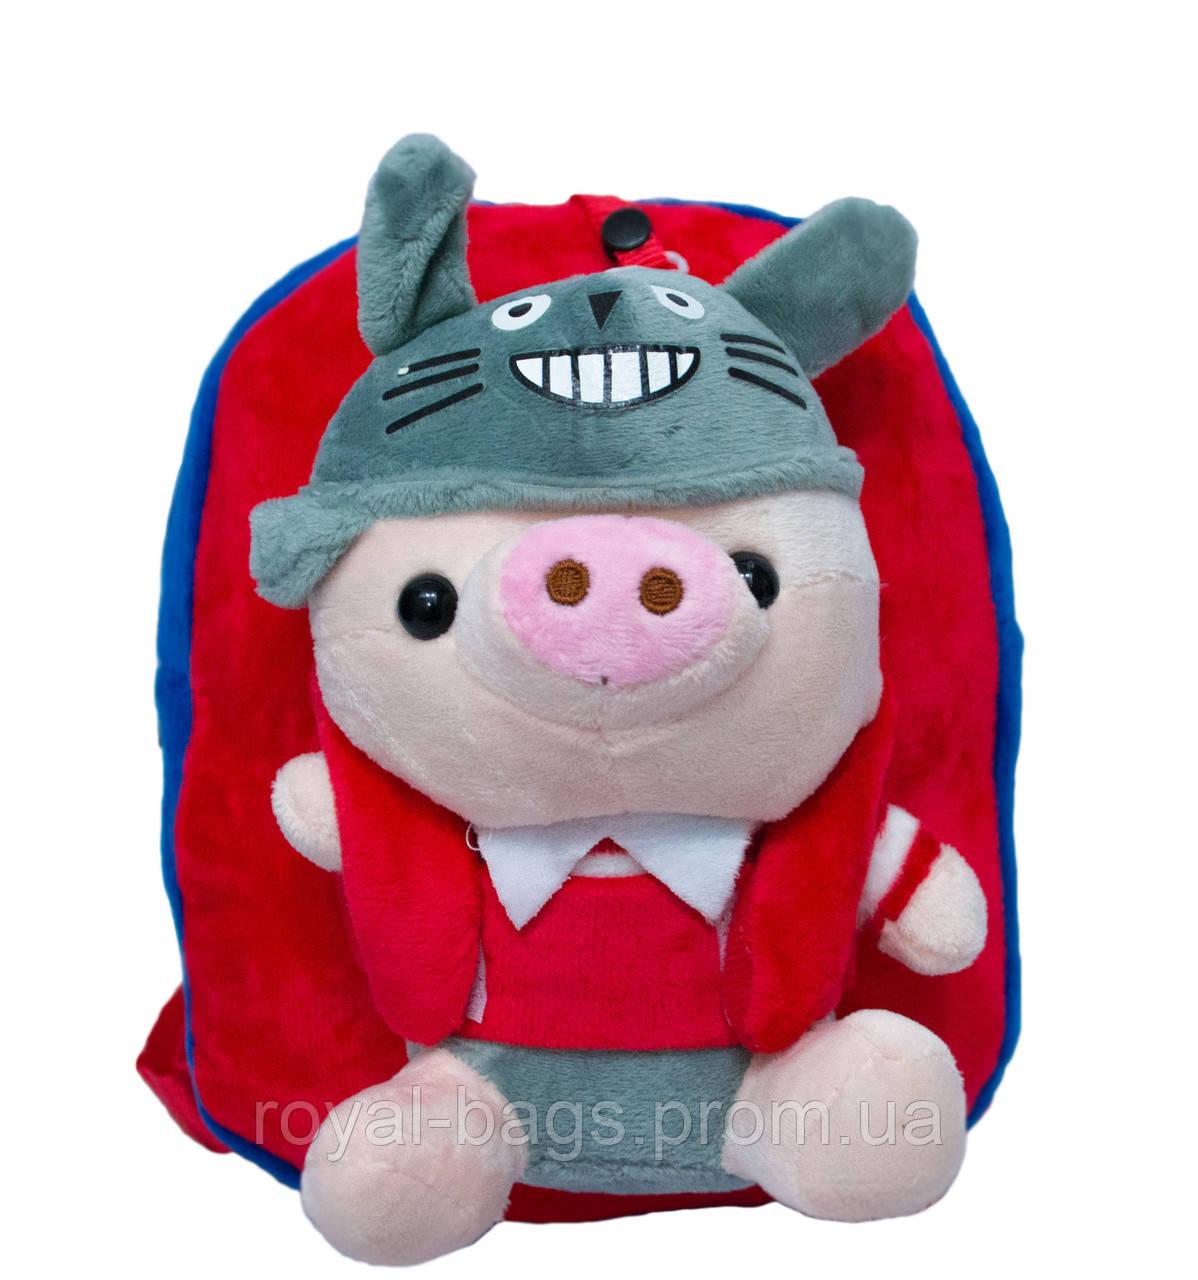 Рюкзак с игрушкой Свинка 3 Цвета Красный